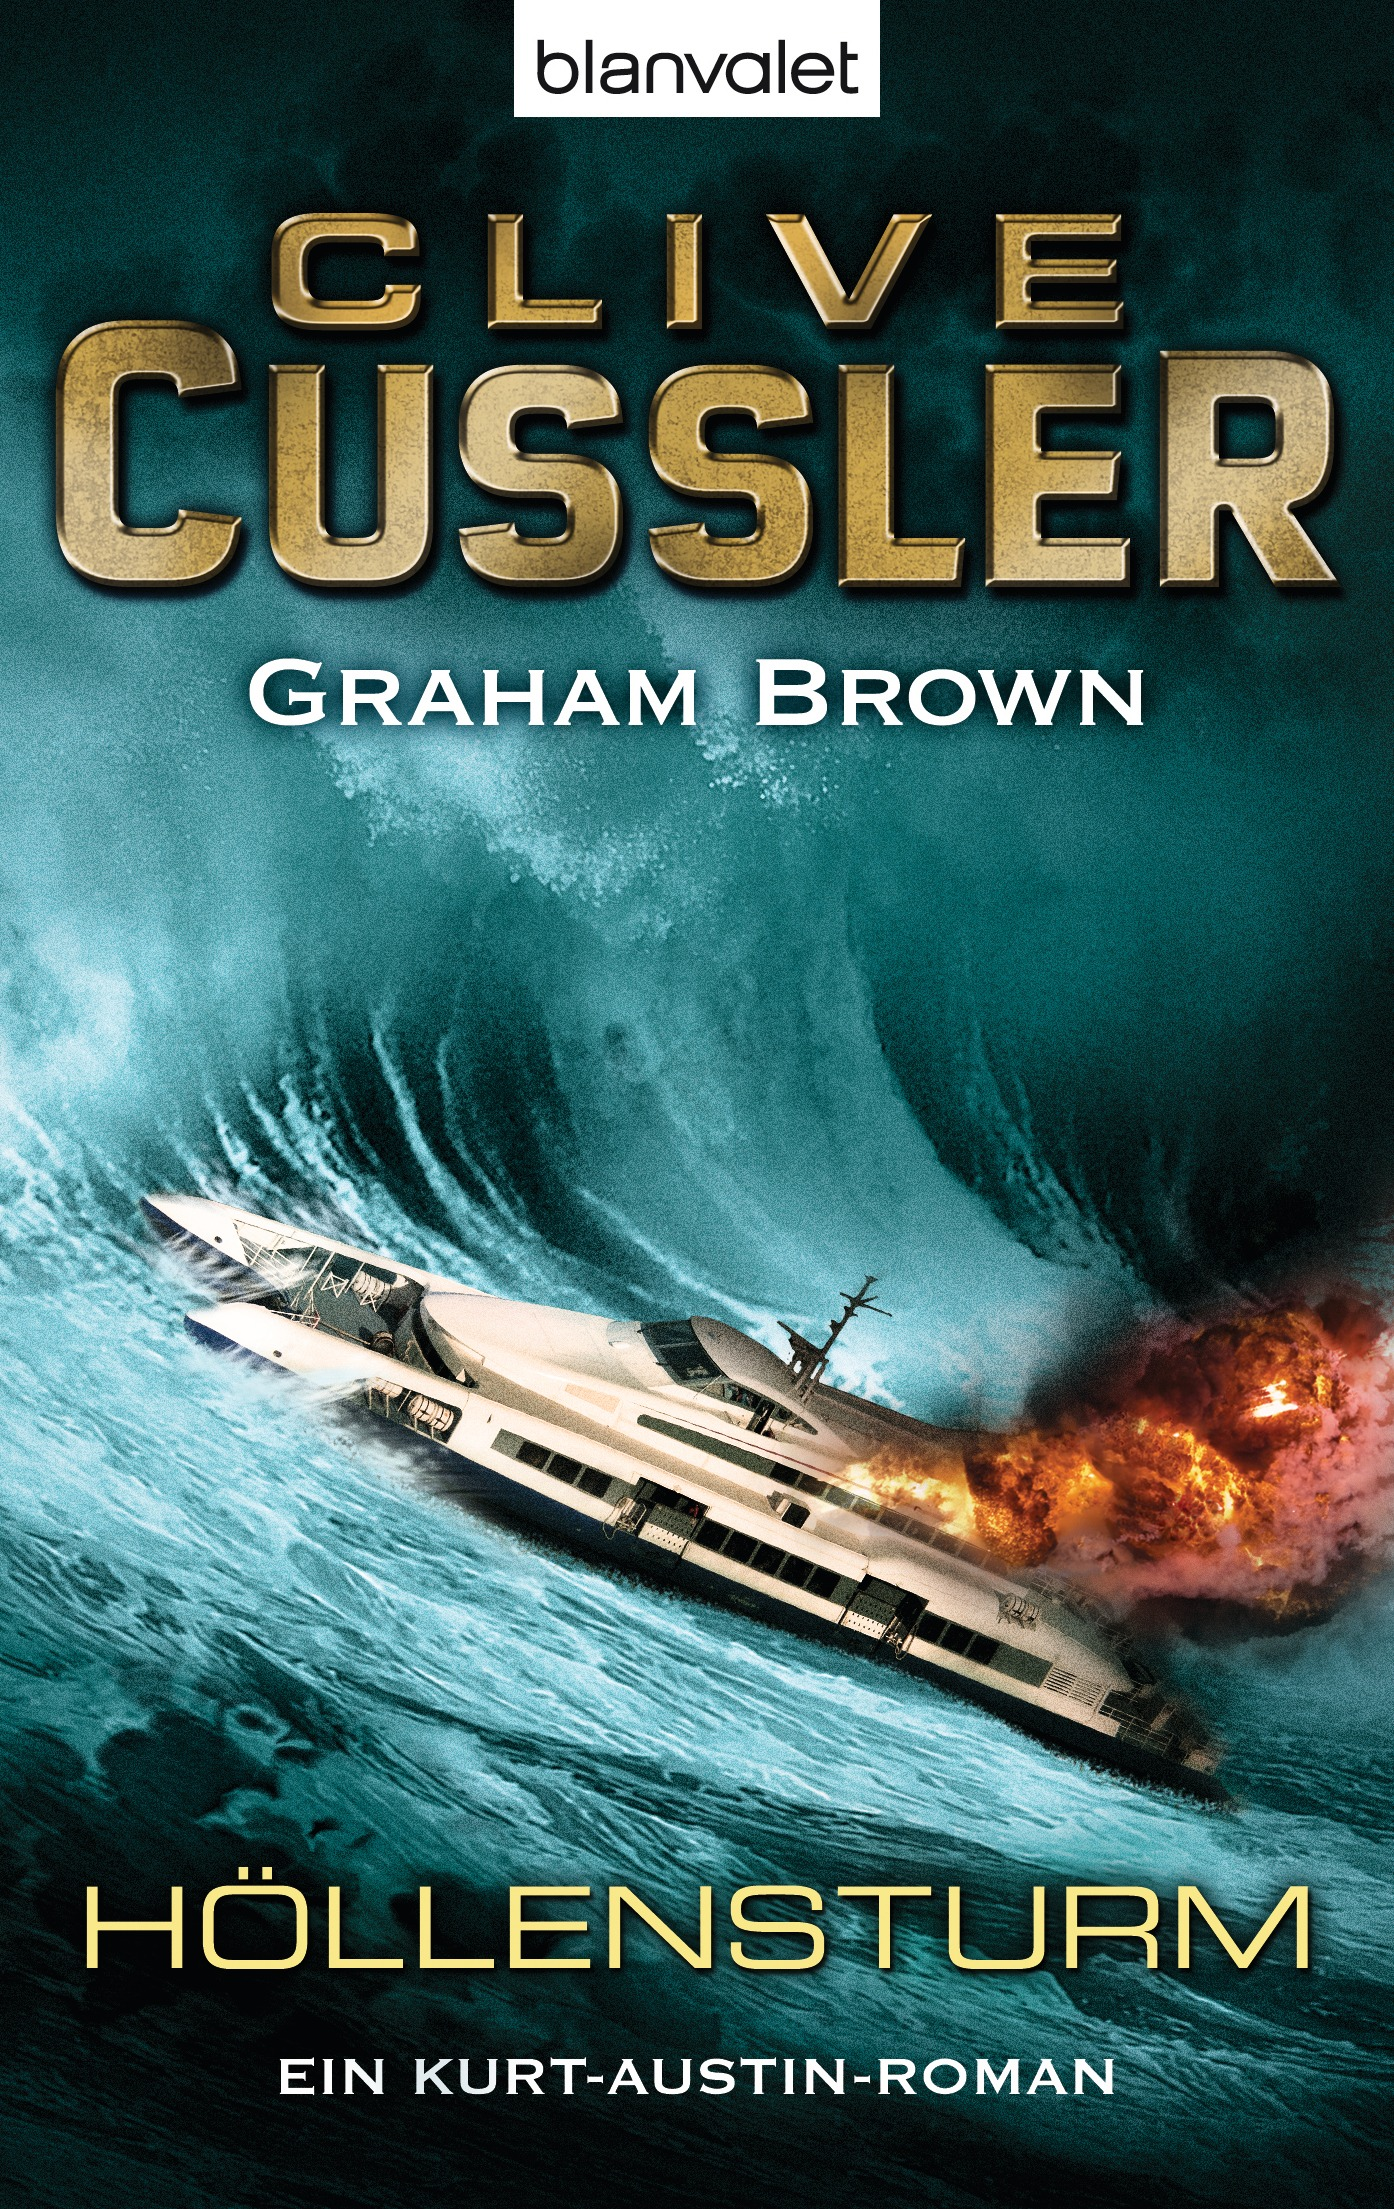 Höllensturm: Ein Kurt-Austin-Roman - Clive Cussler, Graham Brown